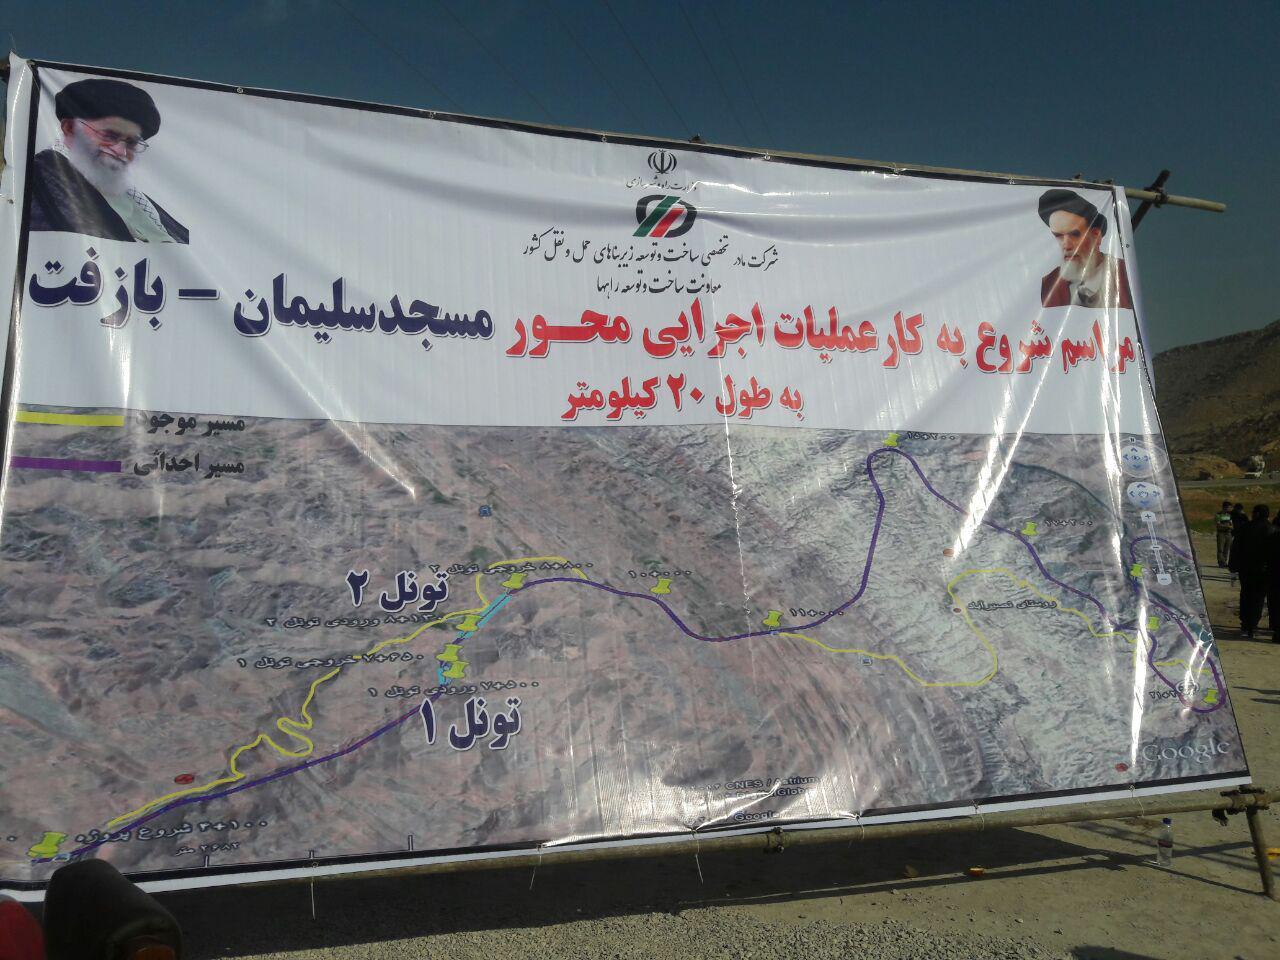 عملیات احداث جاده مسجدسلیمان-بازفت به کجا انجامید ؟!